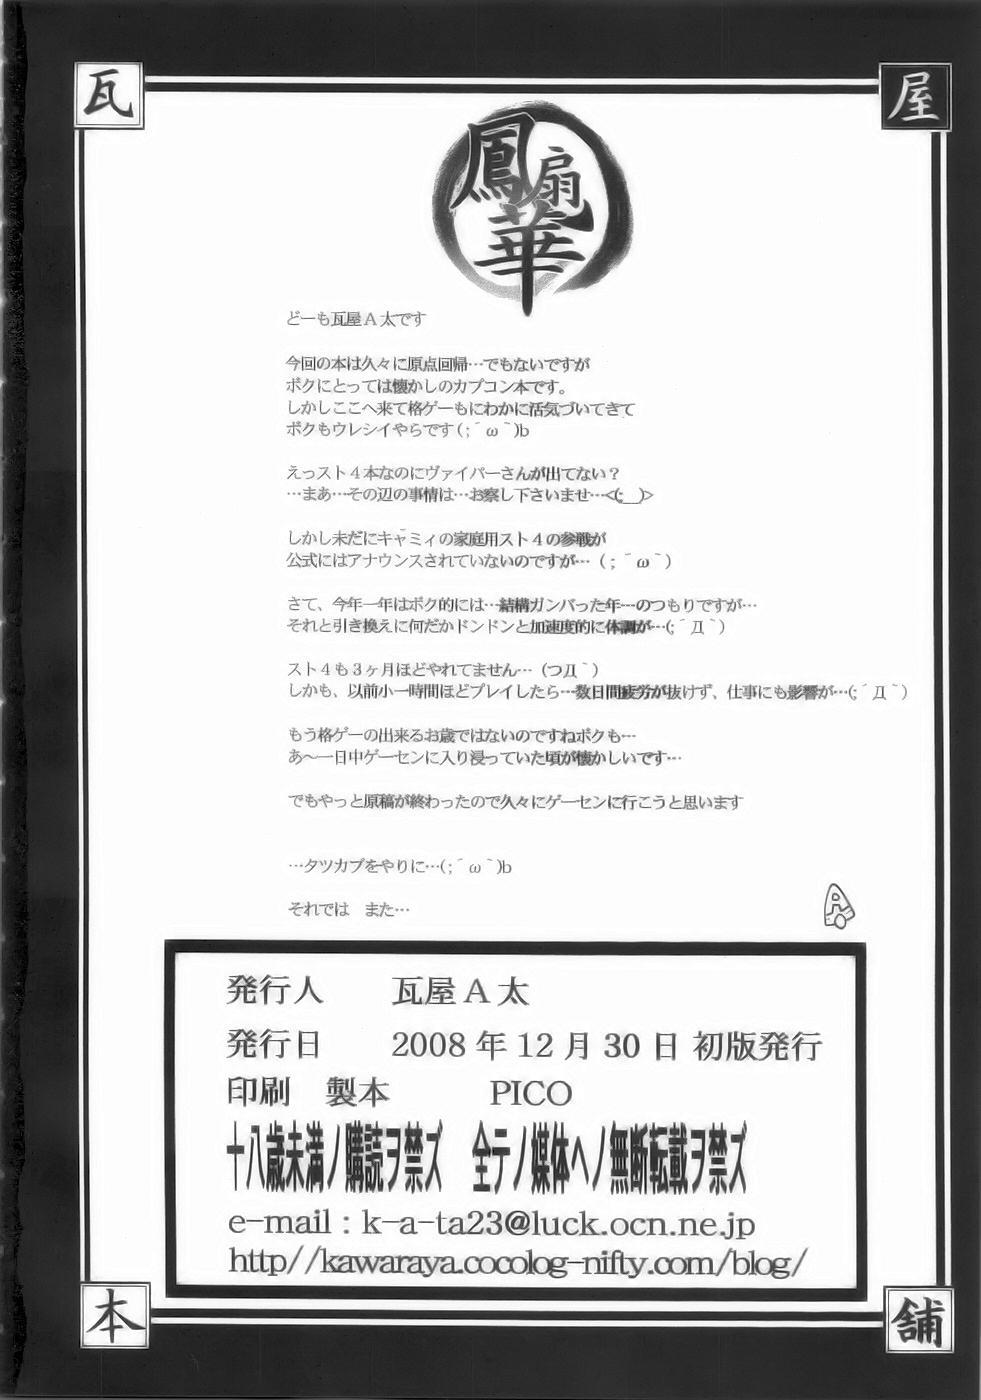 (C75) [Kawaraya Honpo (Kawaraya A-ta)] Hana - Maki no Juunana - Housenka (Street Fighter) 41